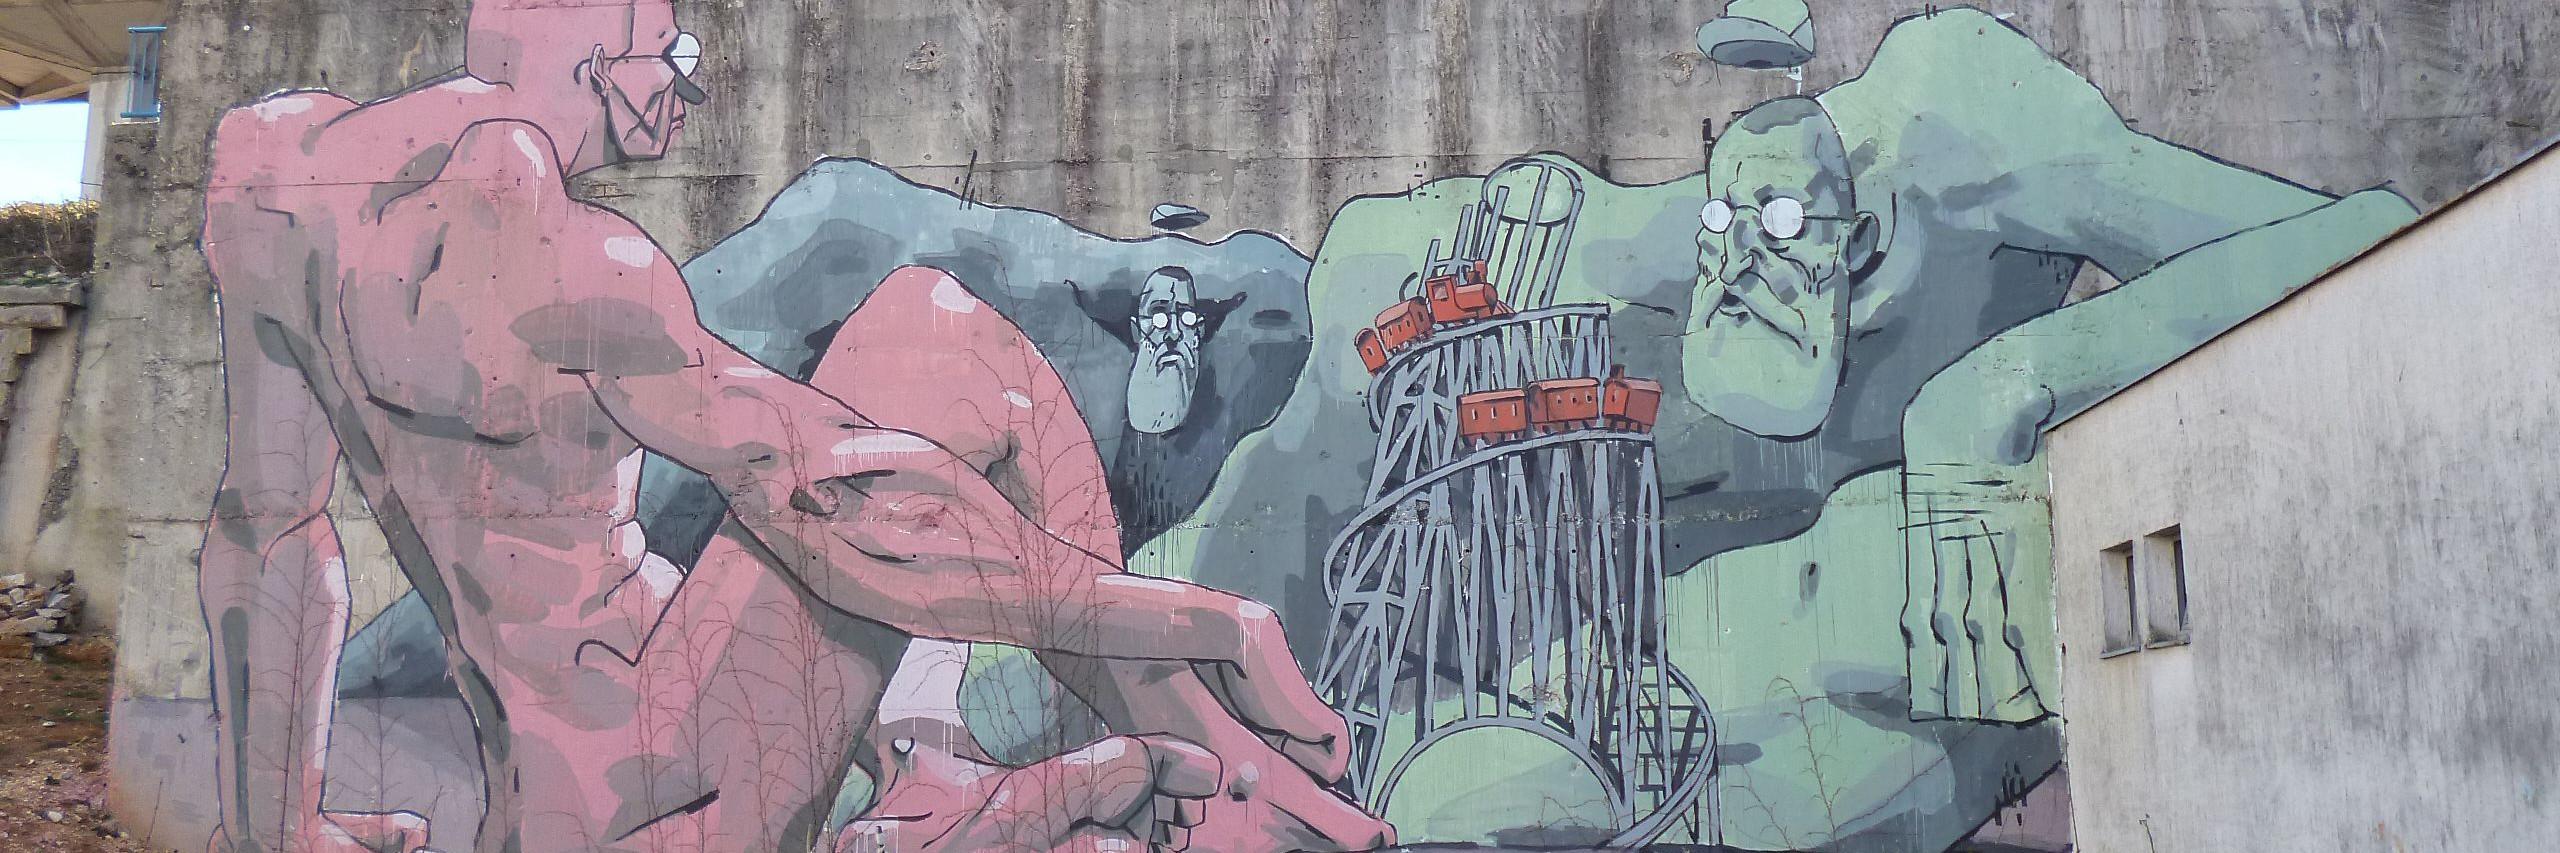 Граффити в Мостаре